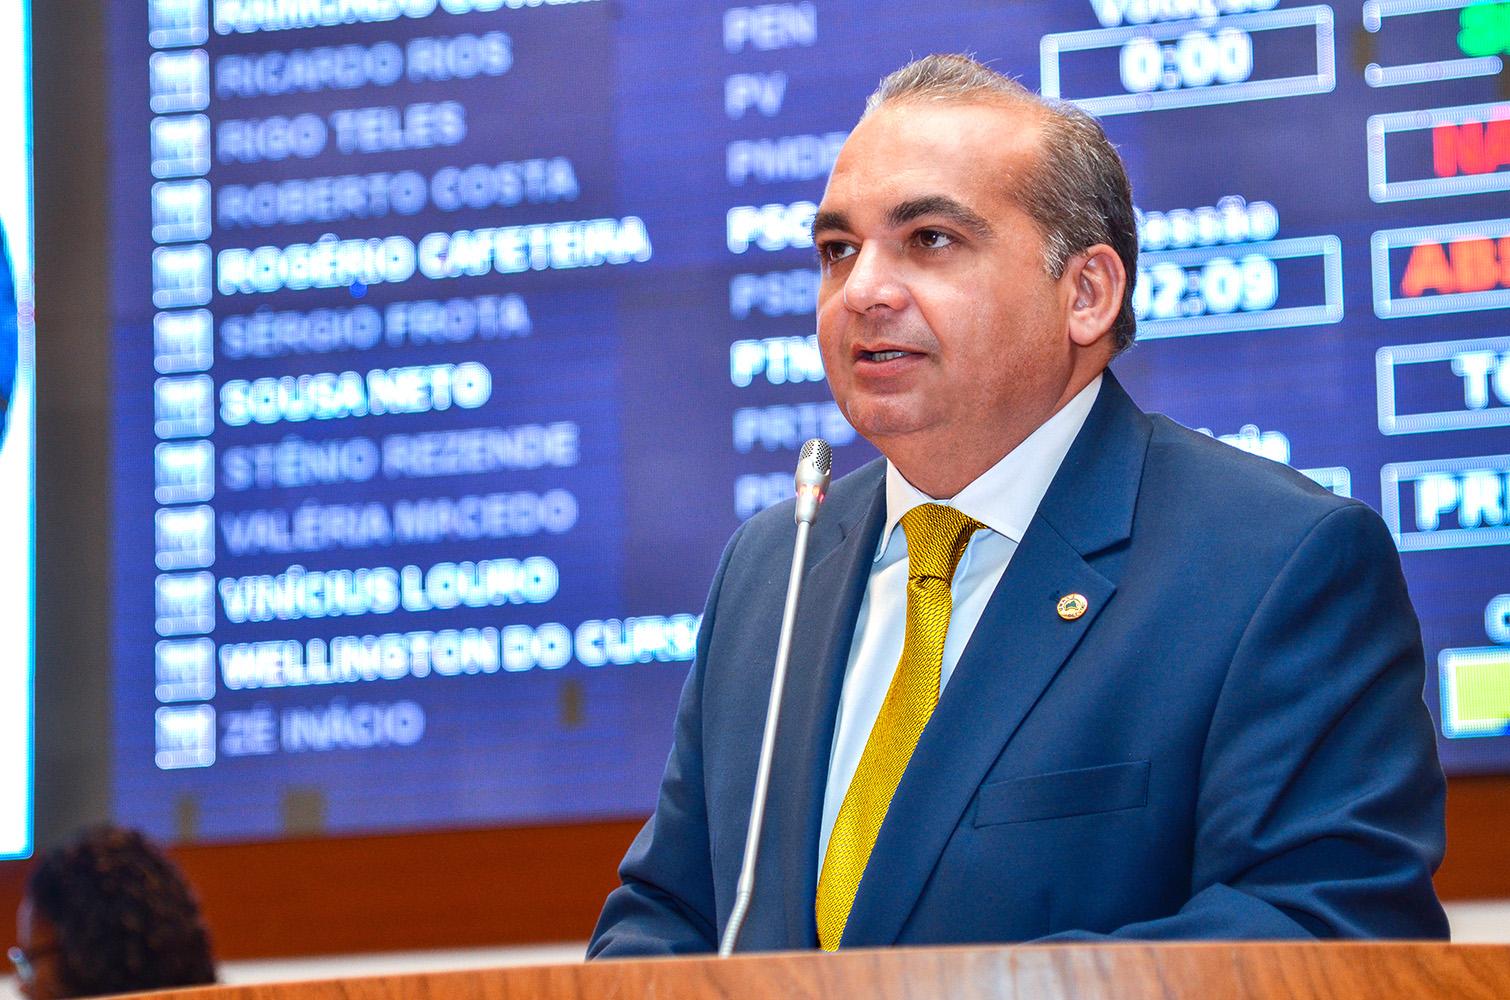 Deputado estadual Fábio Braga